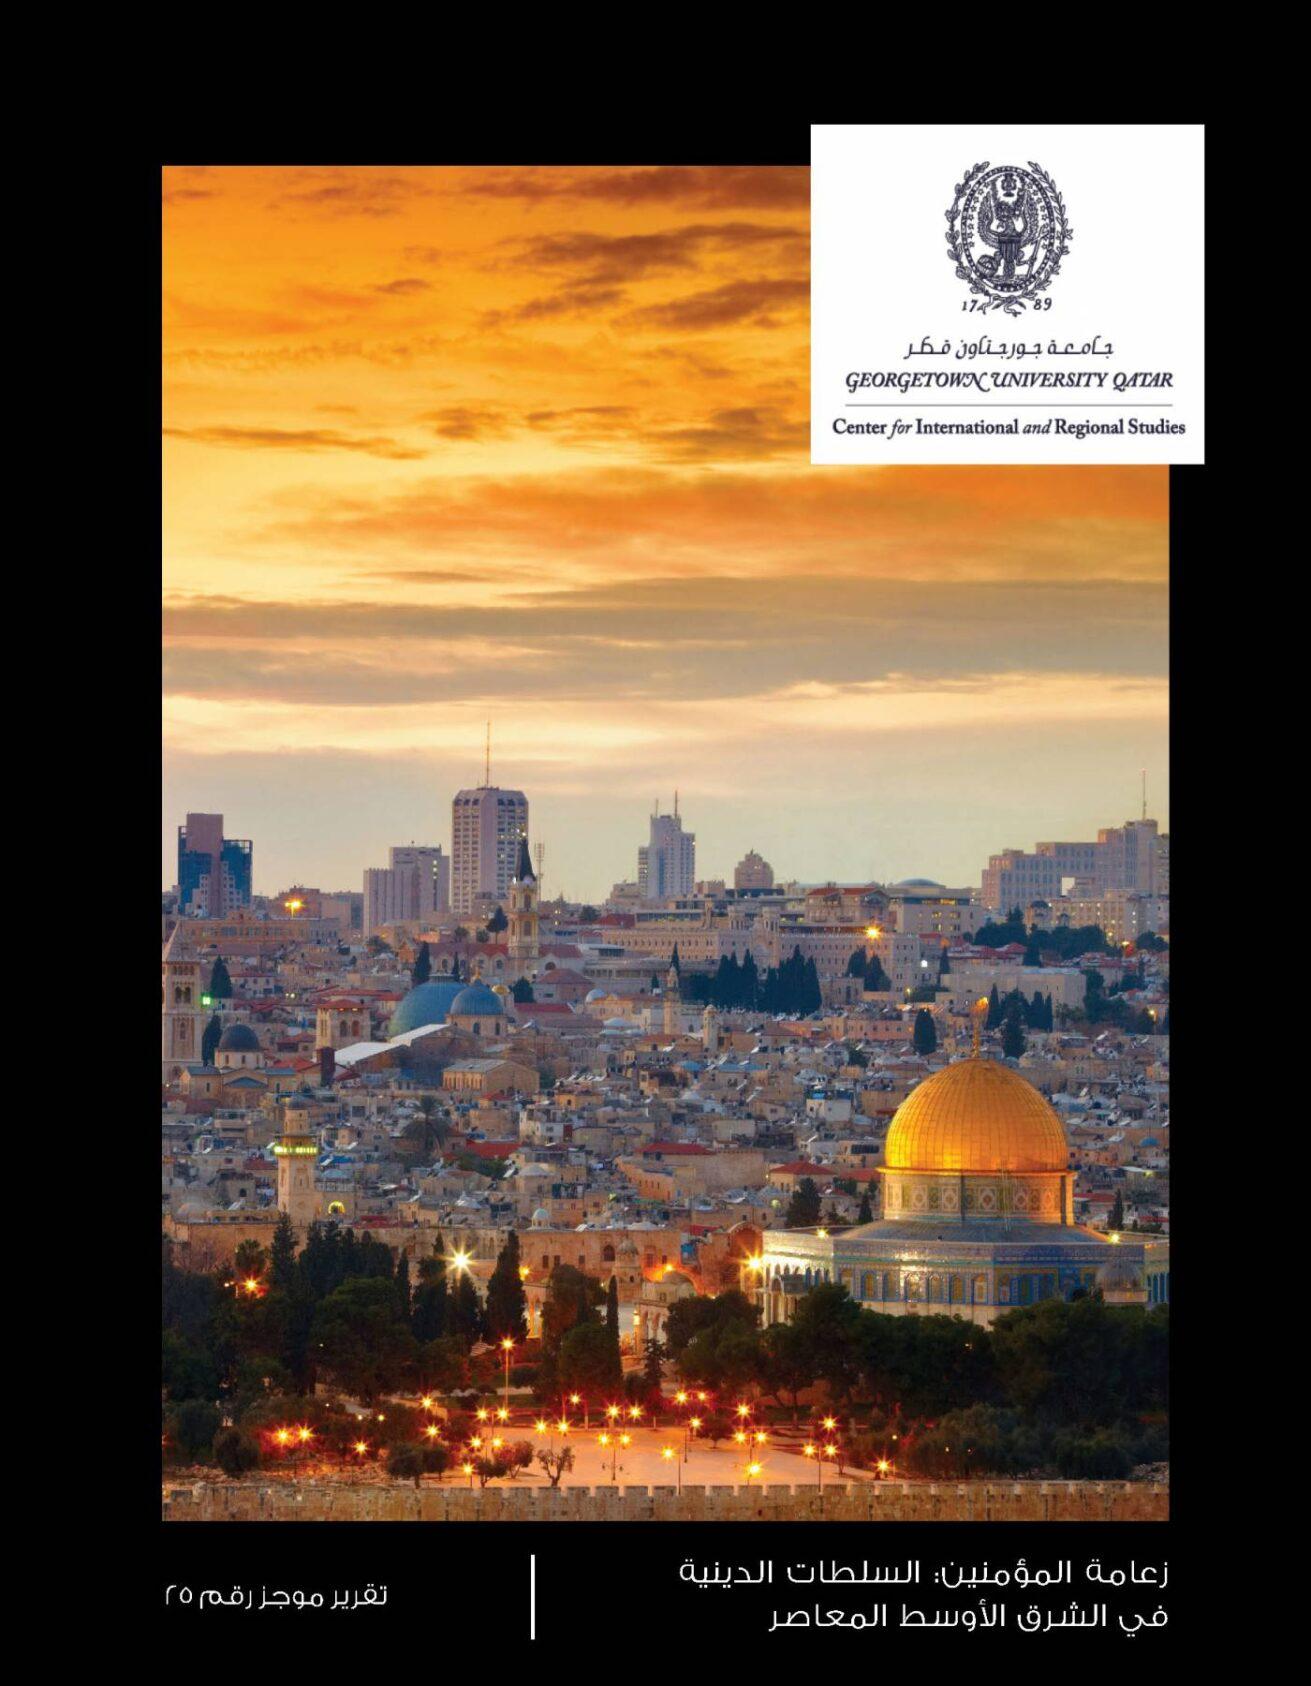 زعامة المؤمنين: السلطات الدينية في الشرق الأوسط المعاصر